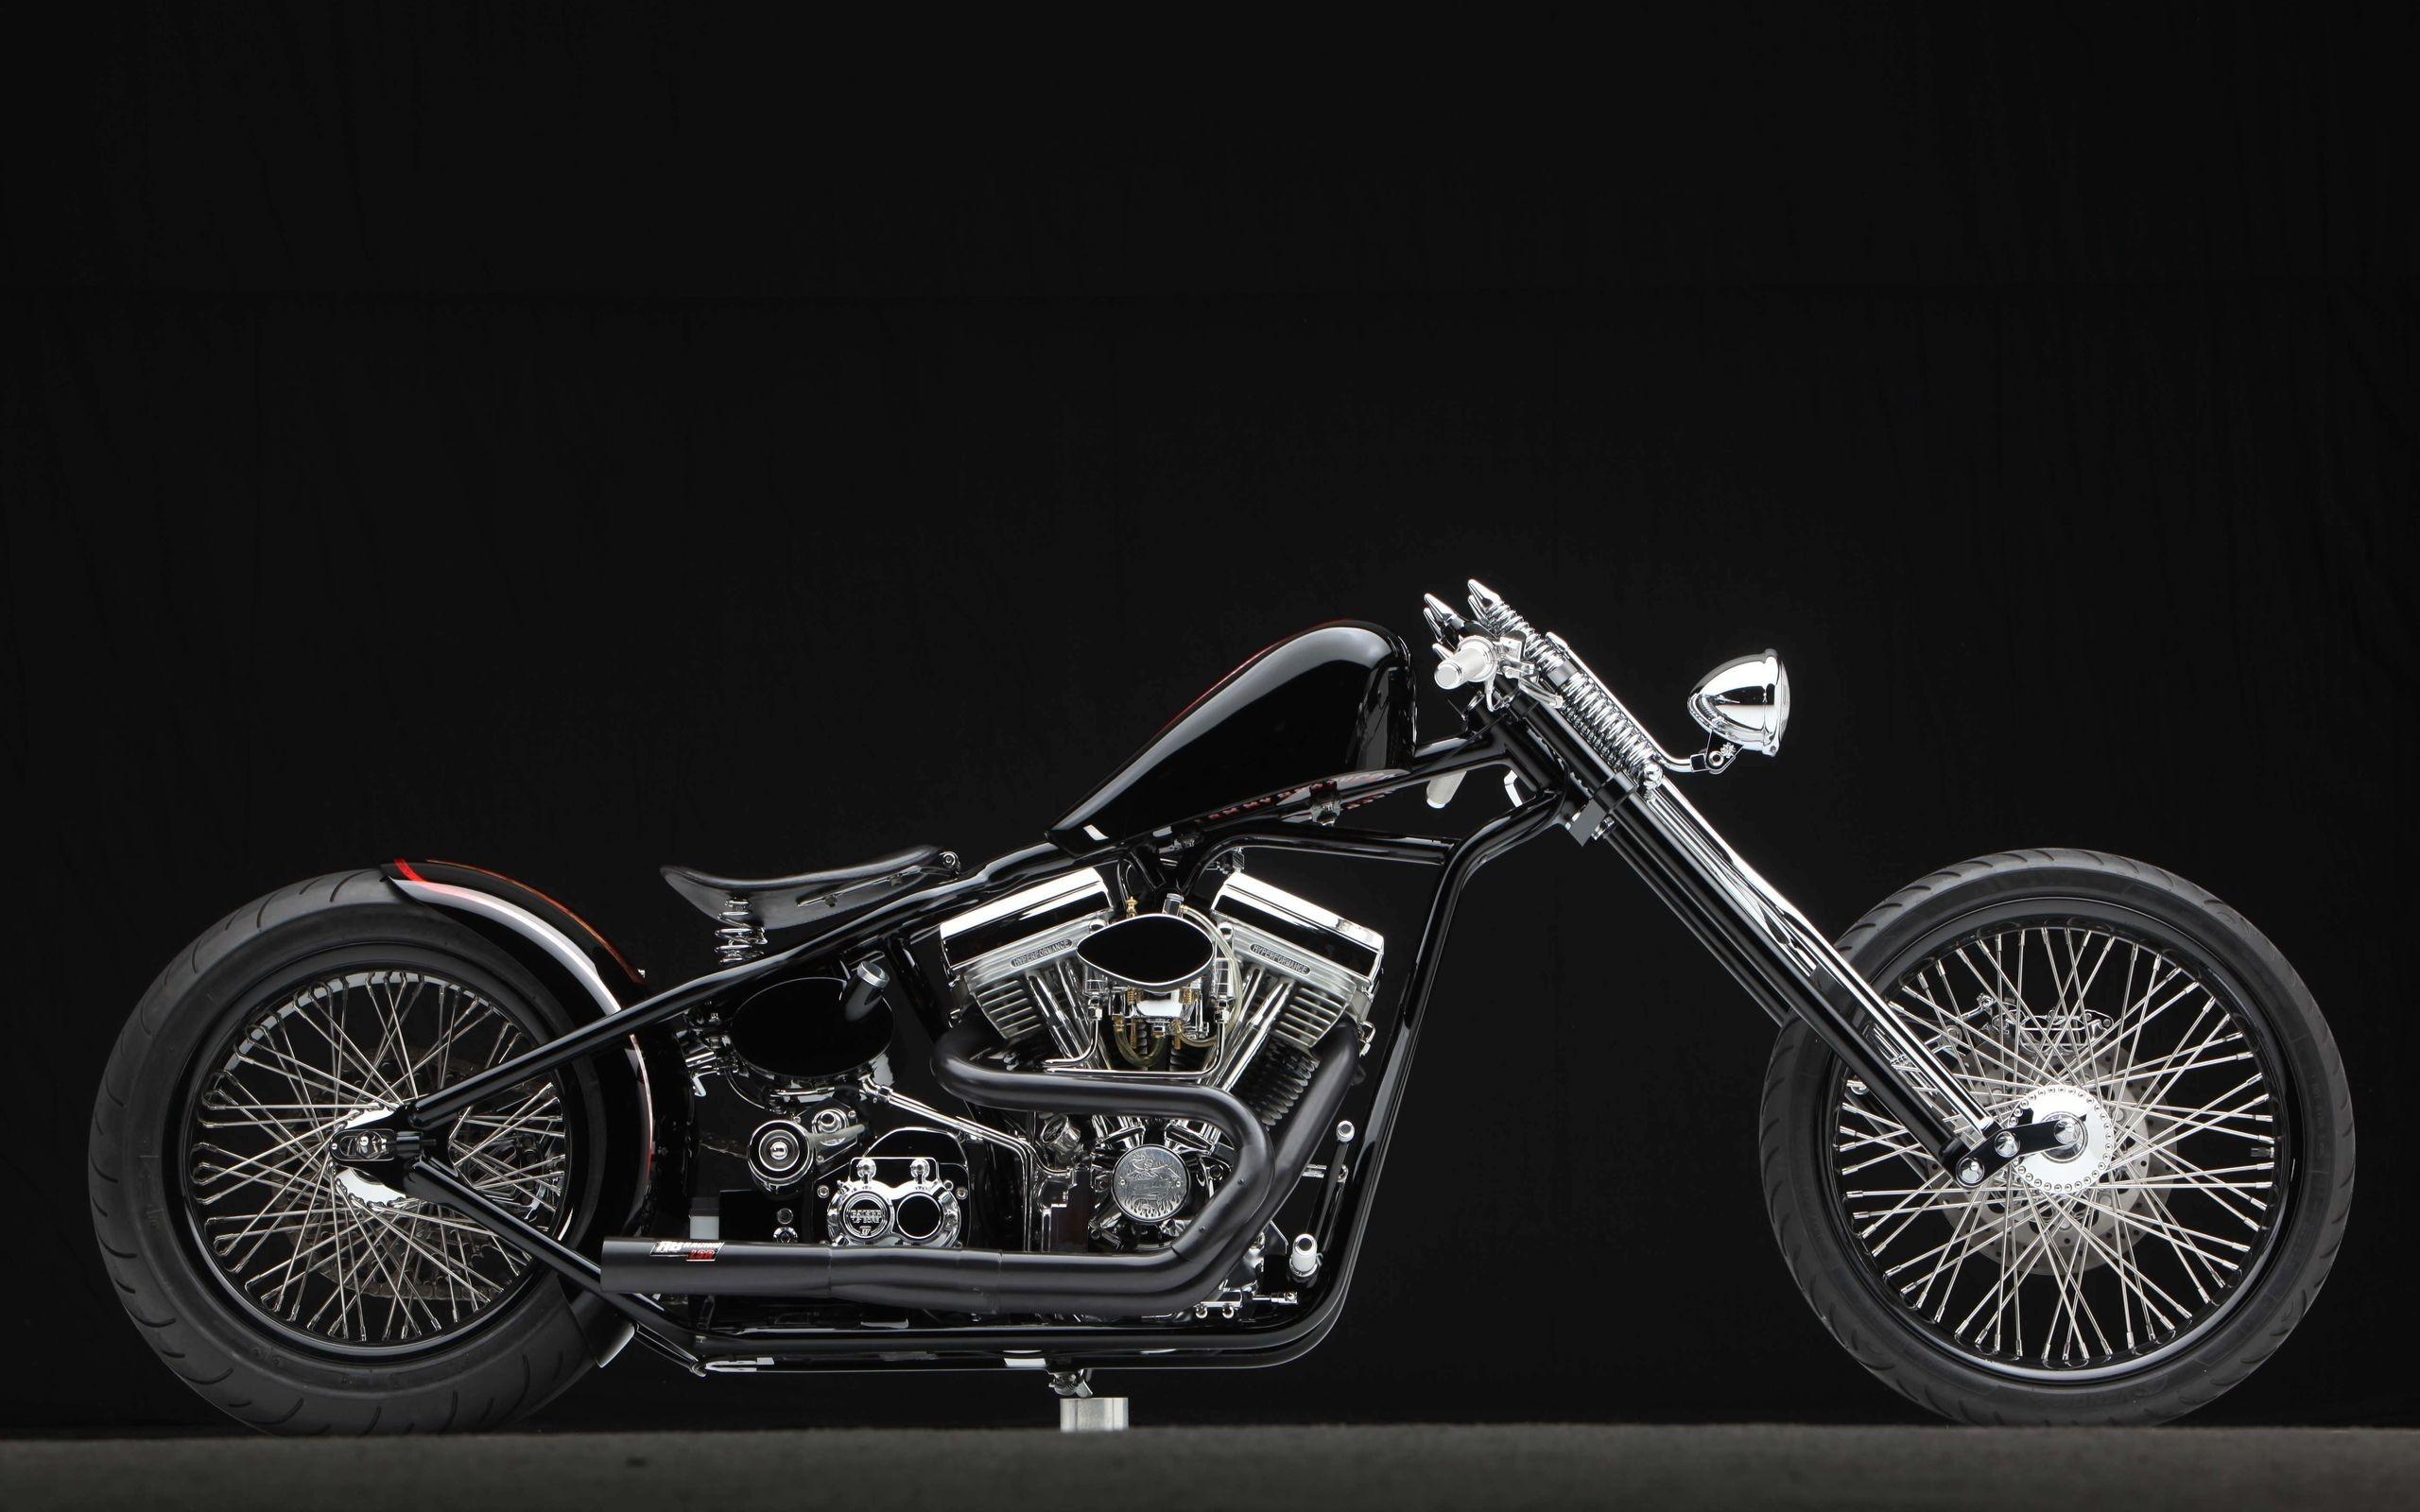 Res: 2560x1600, Custom Choppers Motorcycles | Motorcycle bike motorbike chopper custom  wallpaper |  .